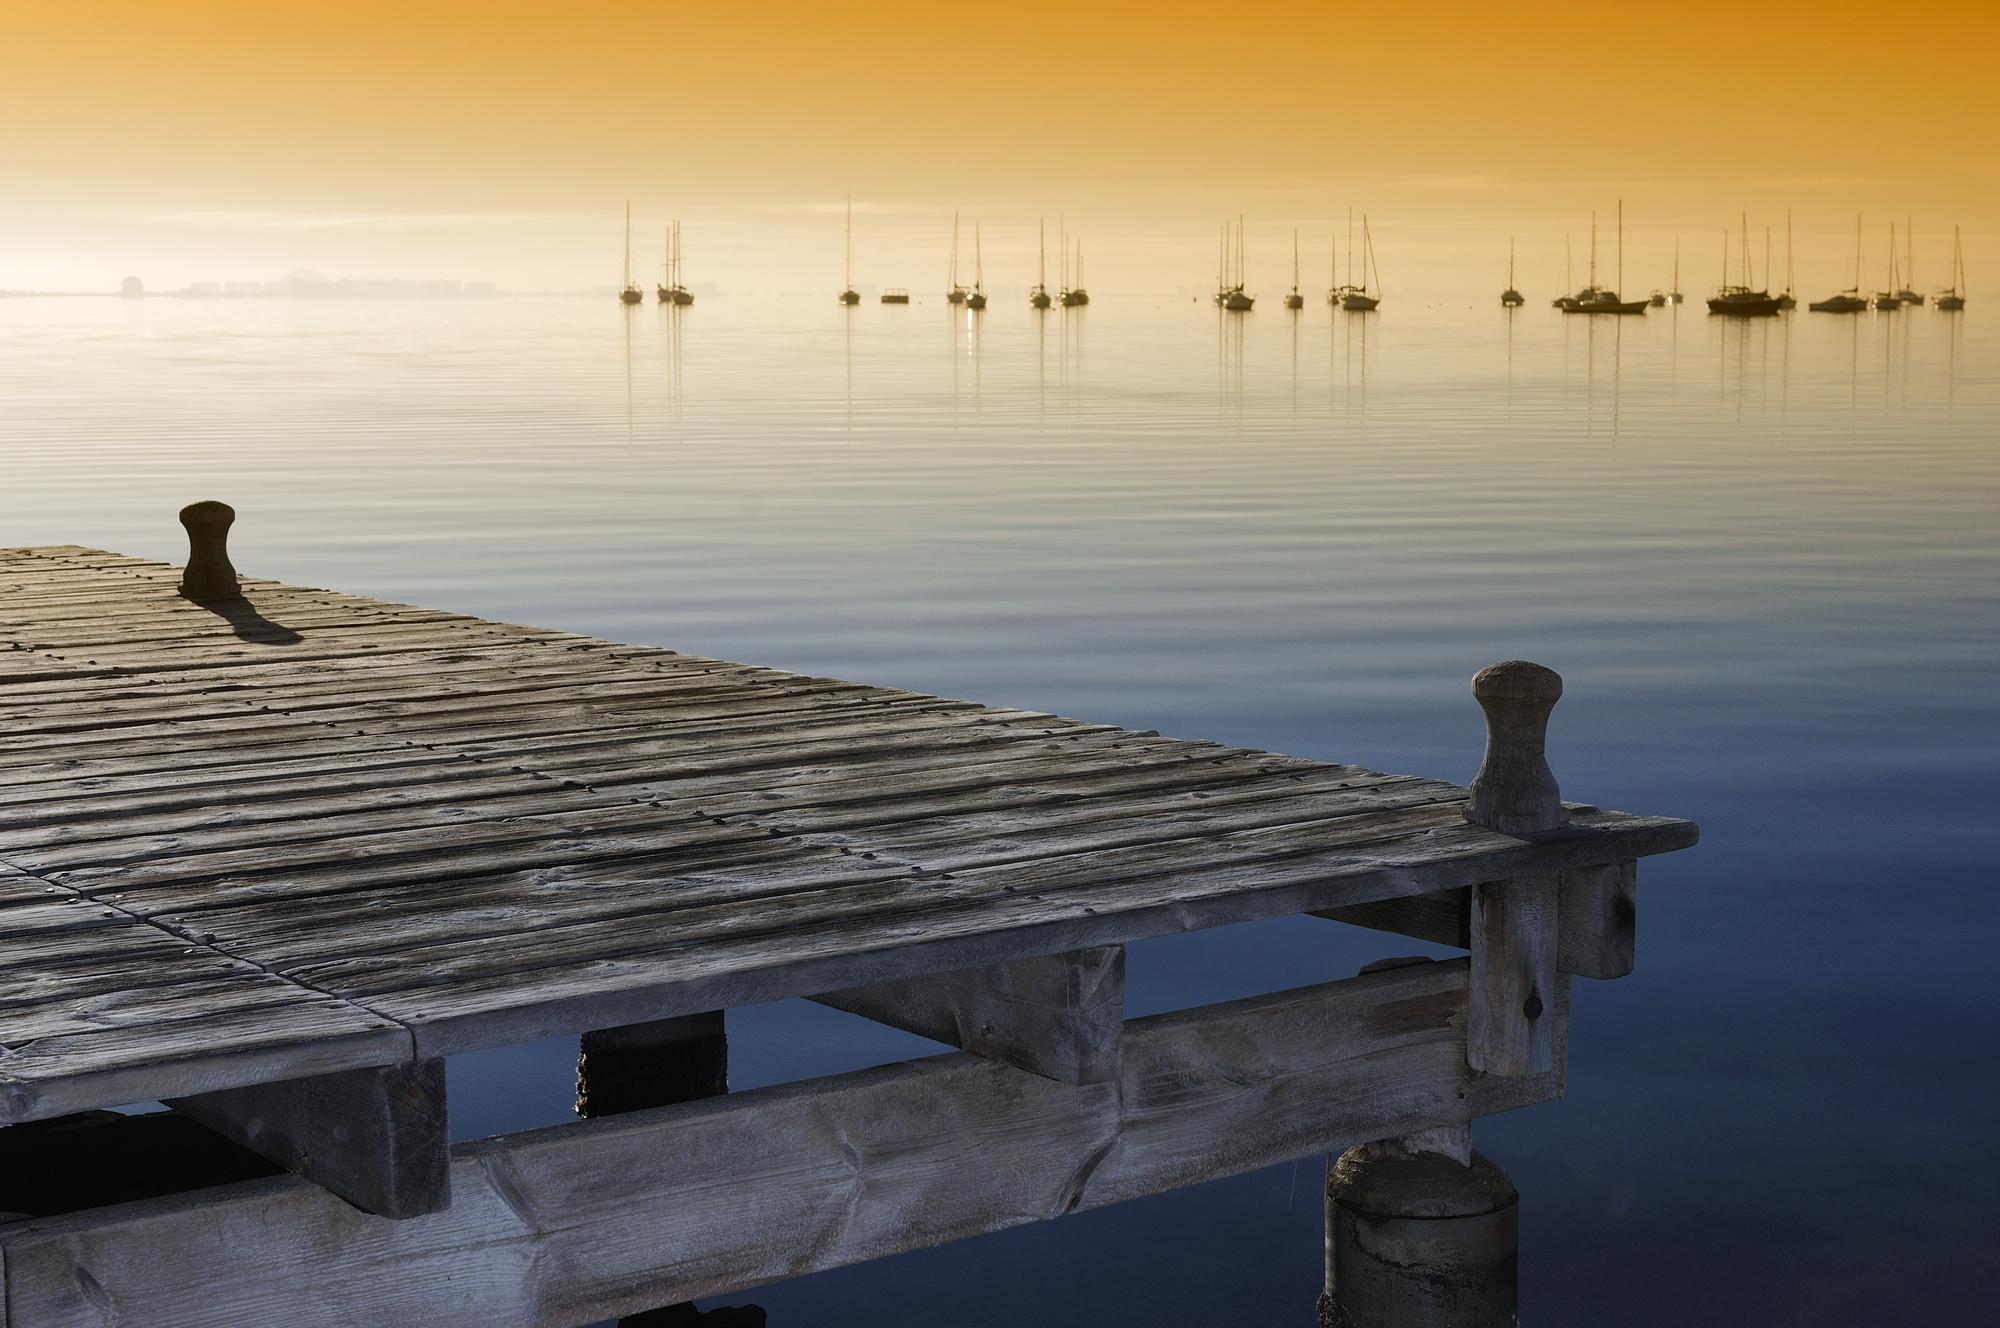 Mar menor (穆尔西亚自治区潟湖,摄影师:Joaquín Zamora)